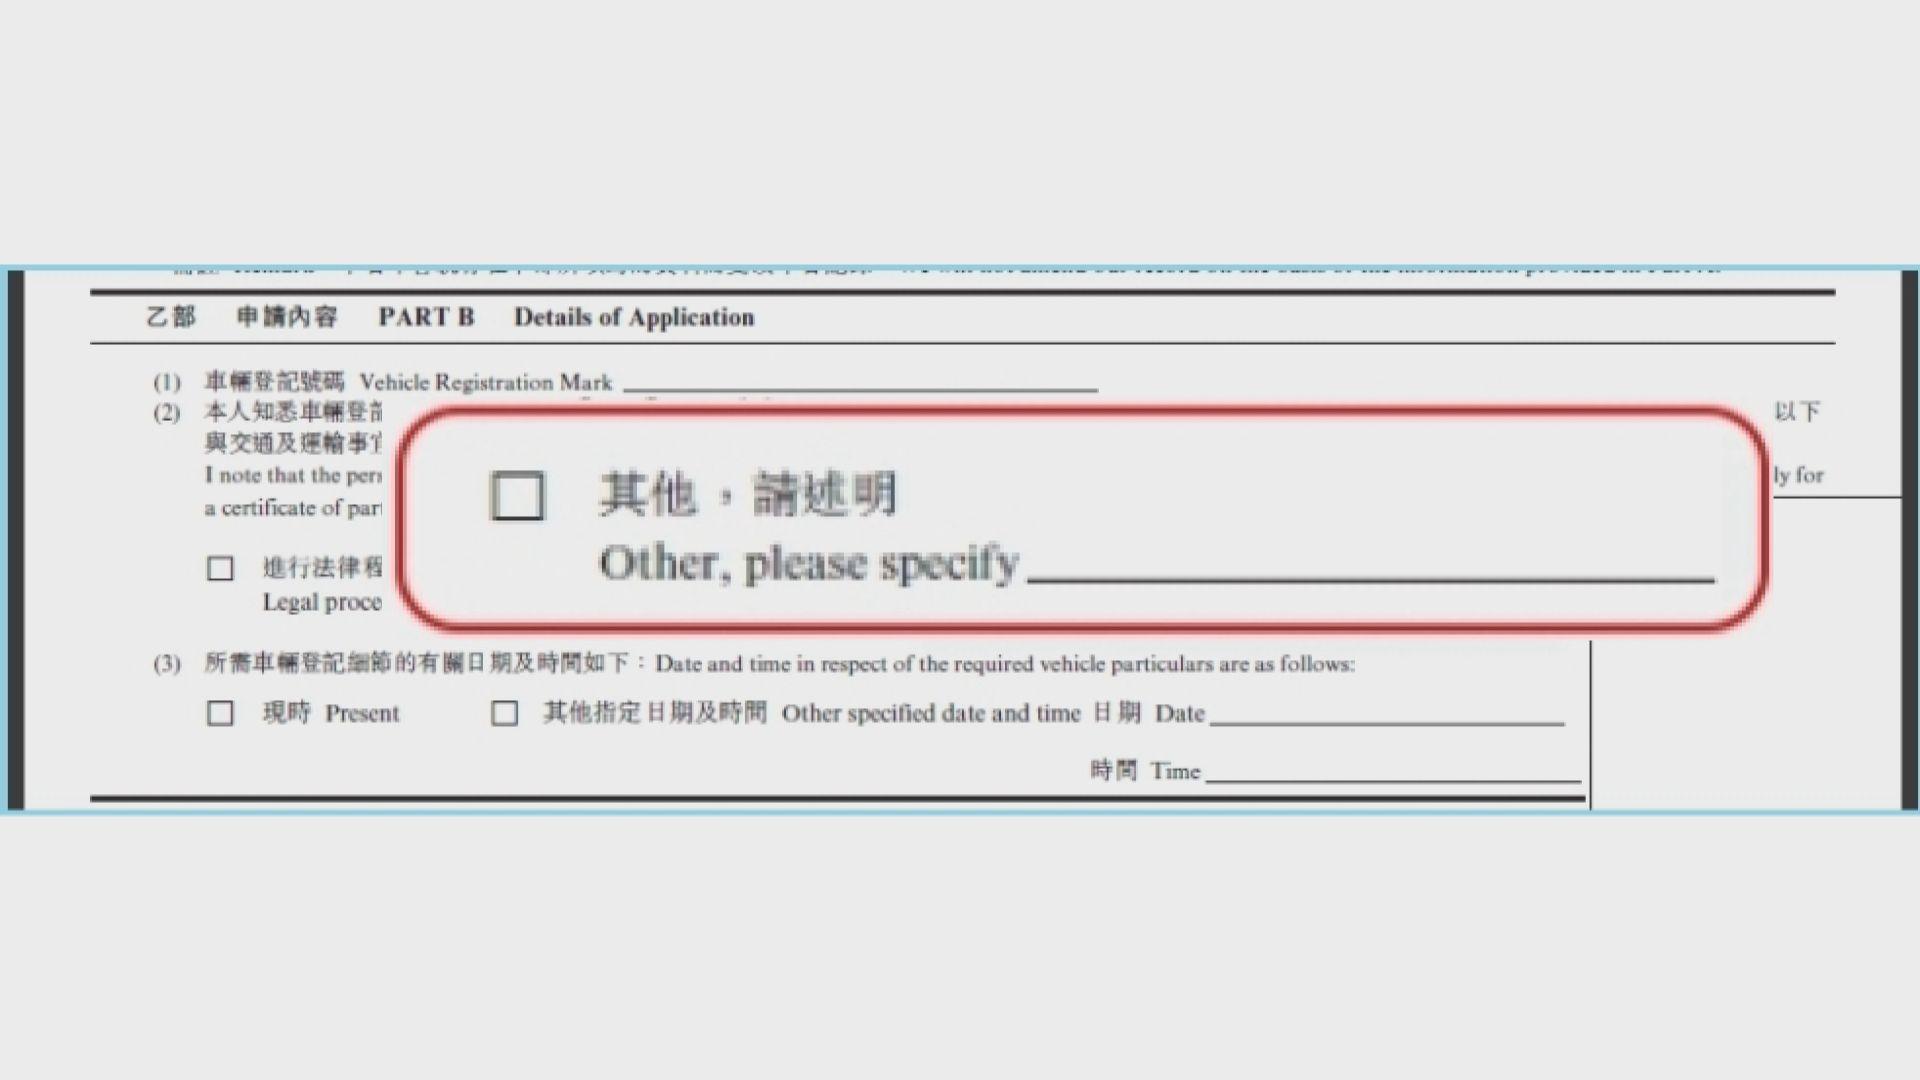 運輸署車牌查冊表格用途聲明早前被刪除「其他」選項